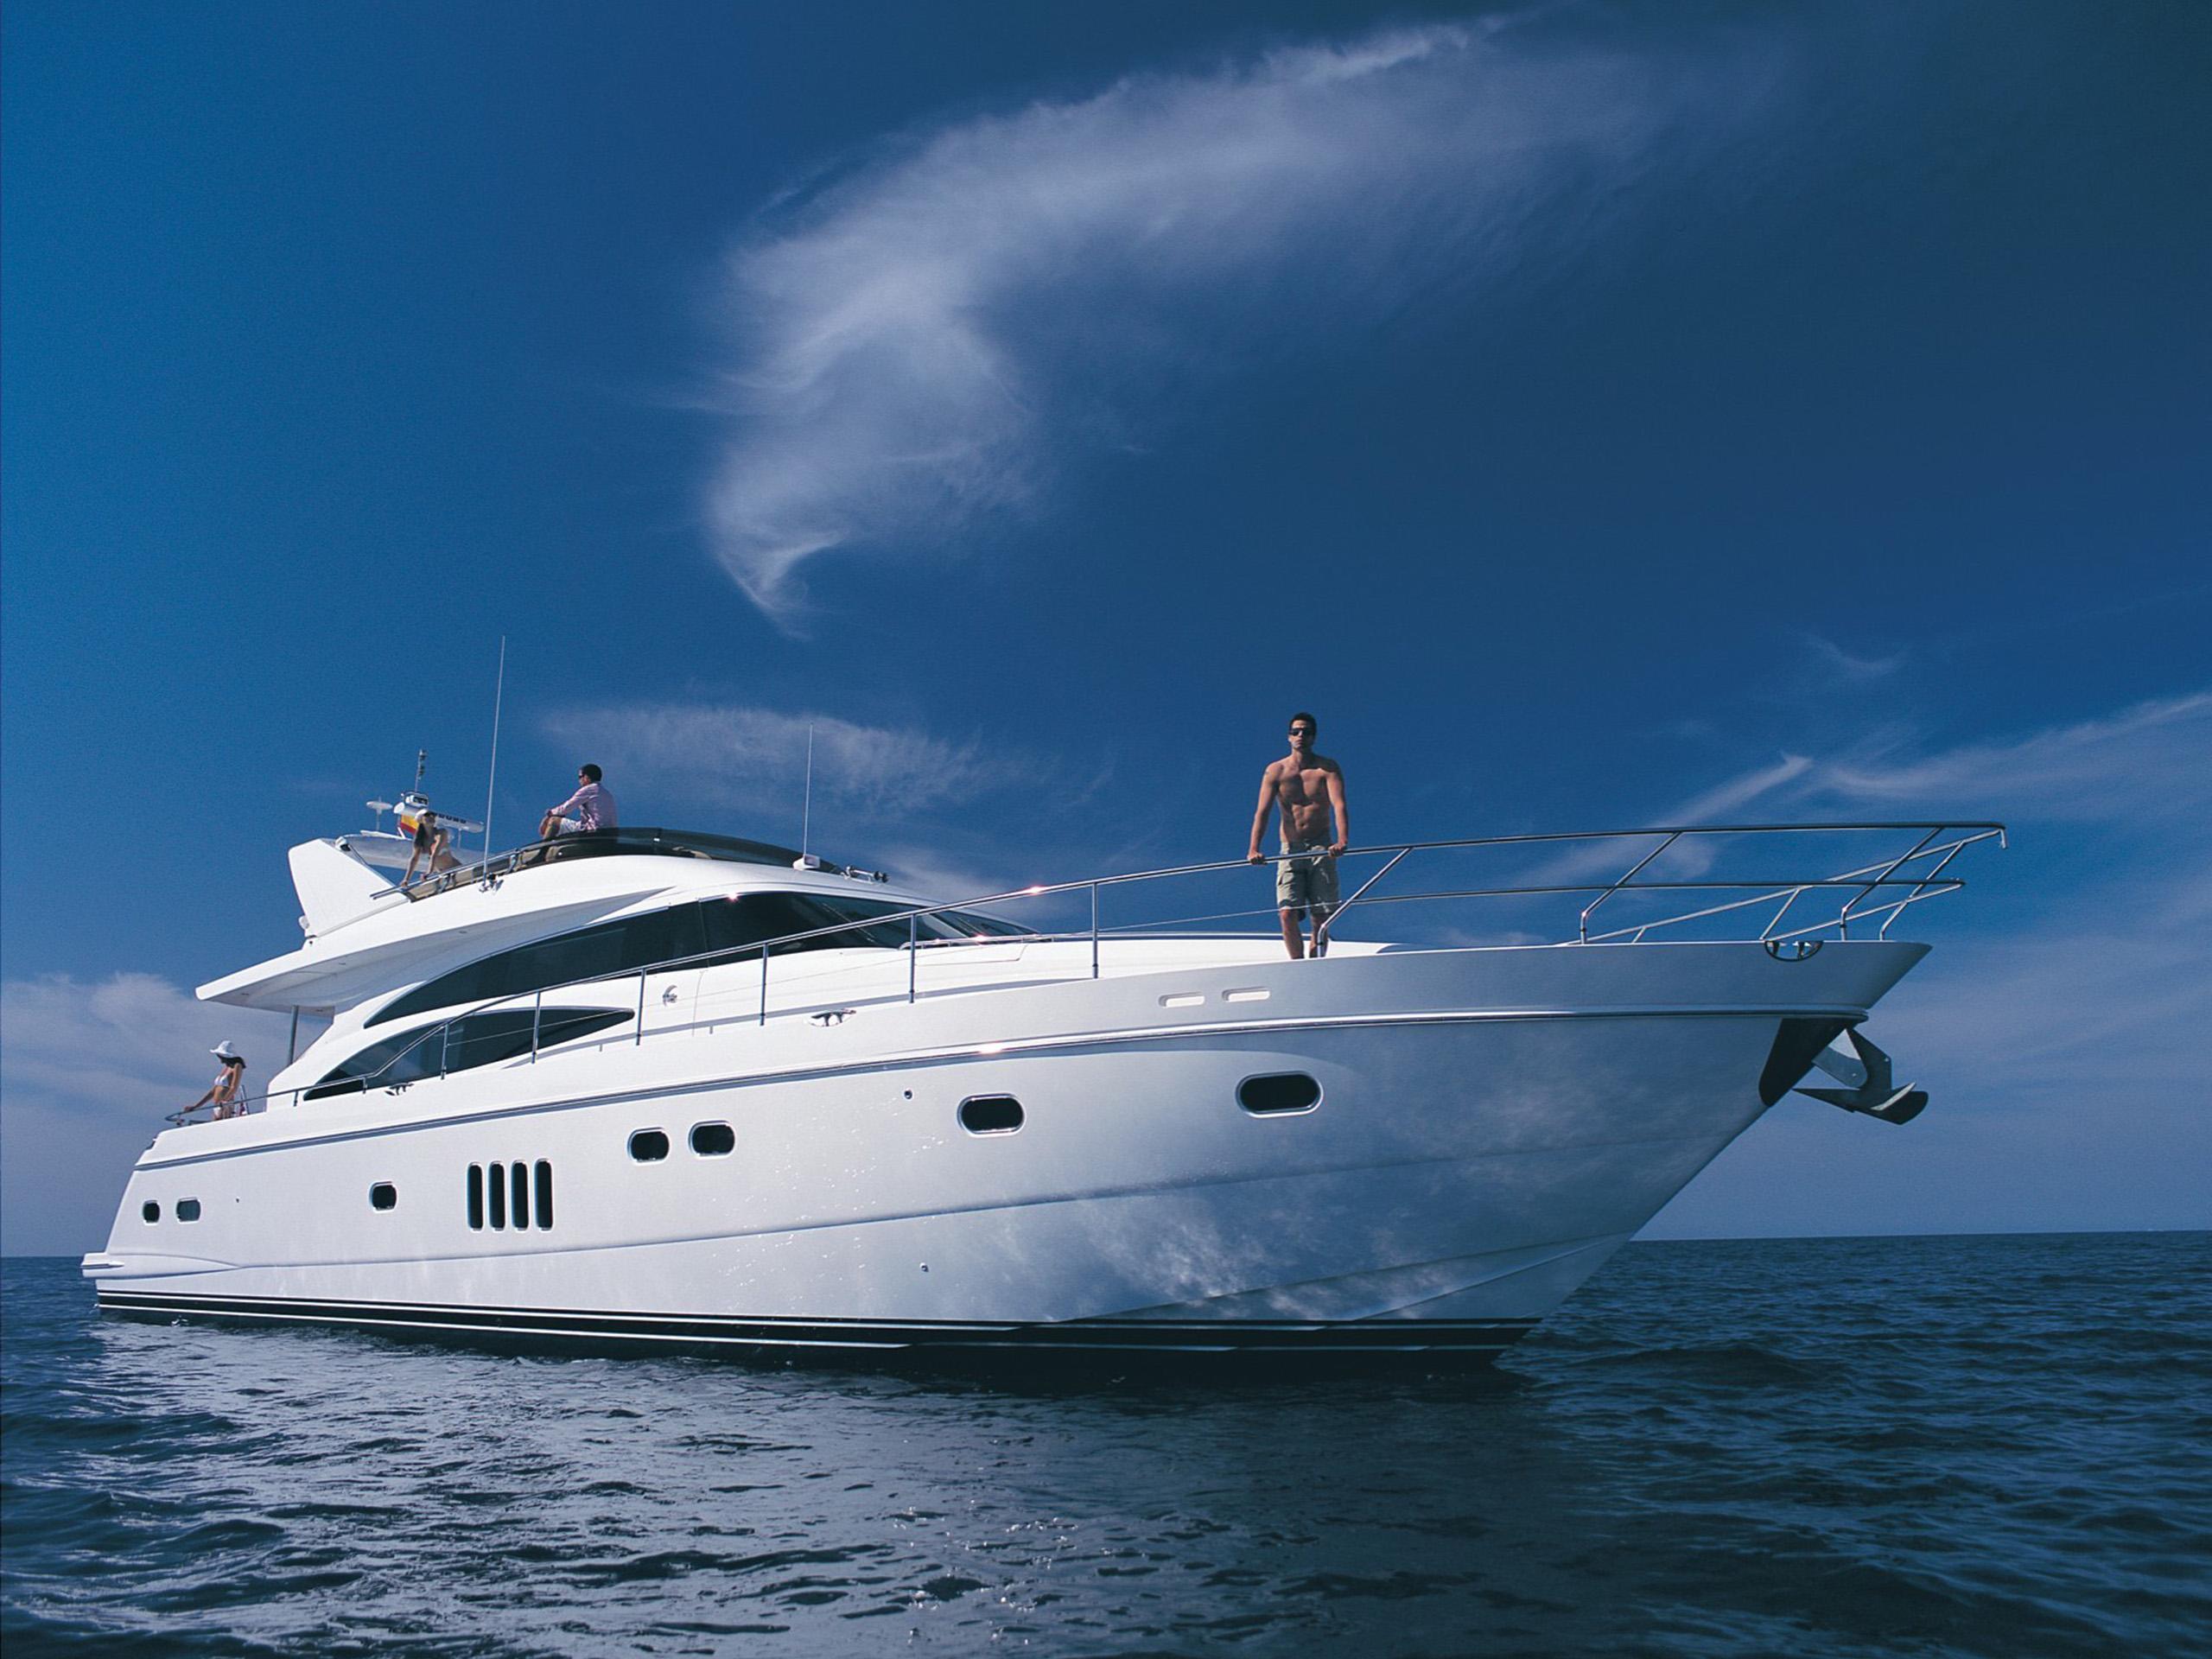 yacht wallpaper 1920x1200